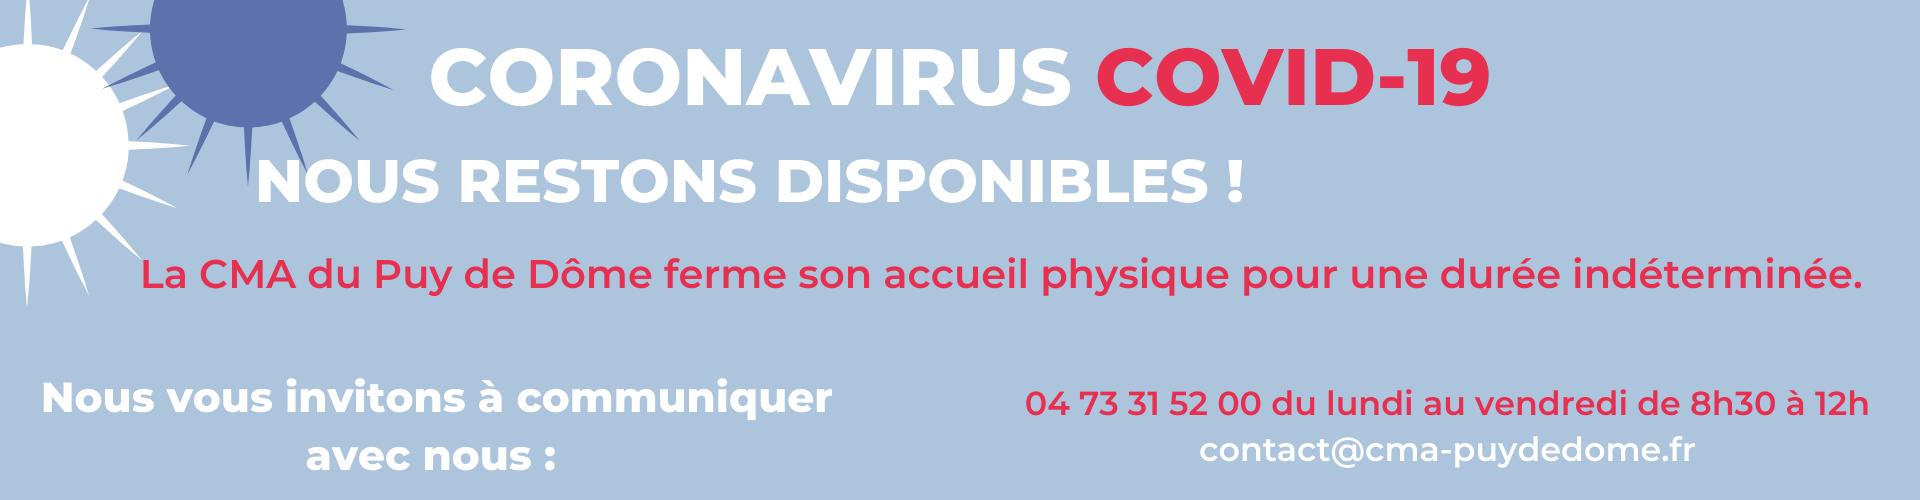 coronavirus20covid-1920slider.png